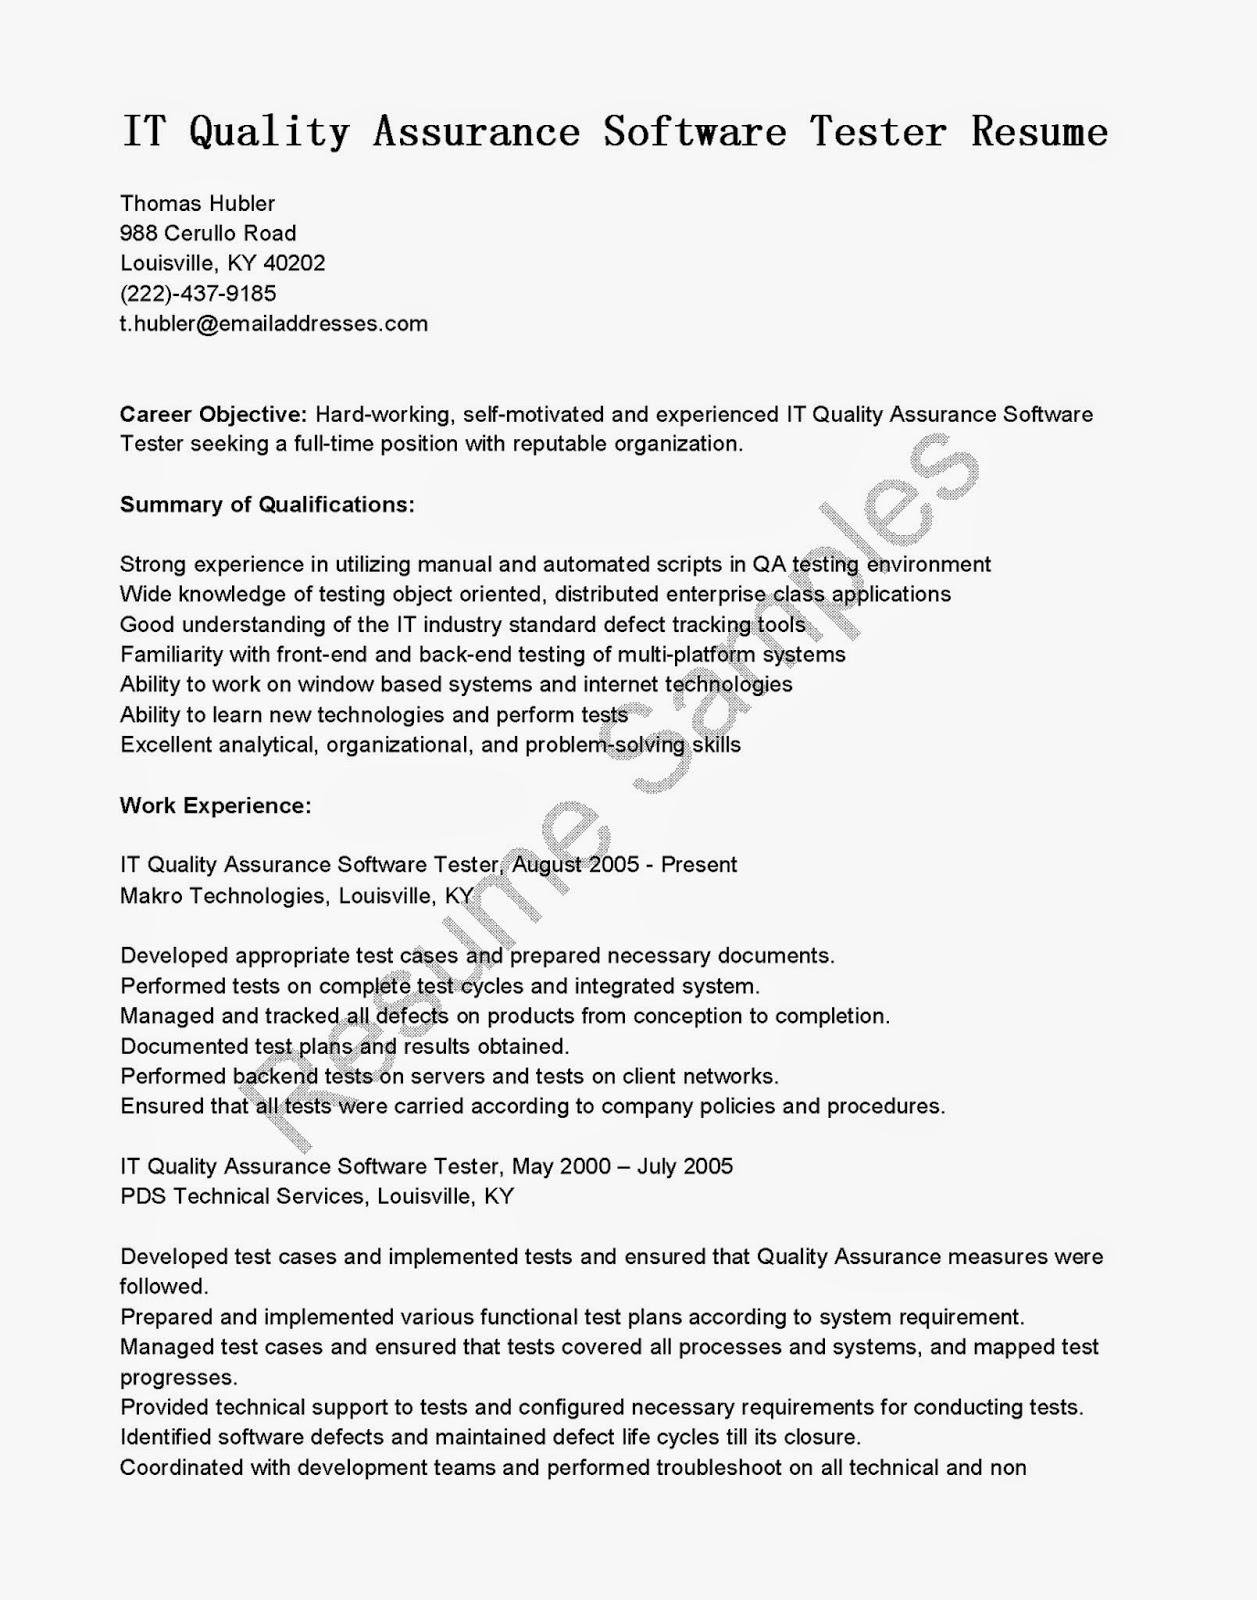 Sample Cover Letter For Qa Tester Job